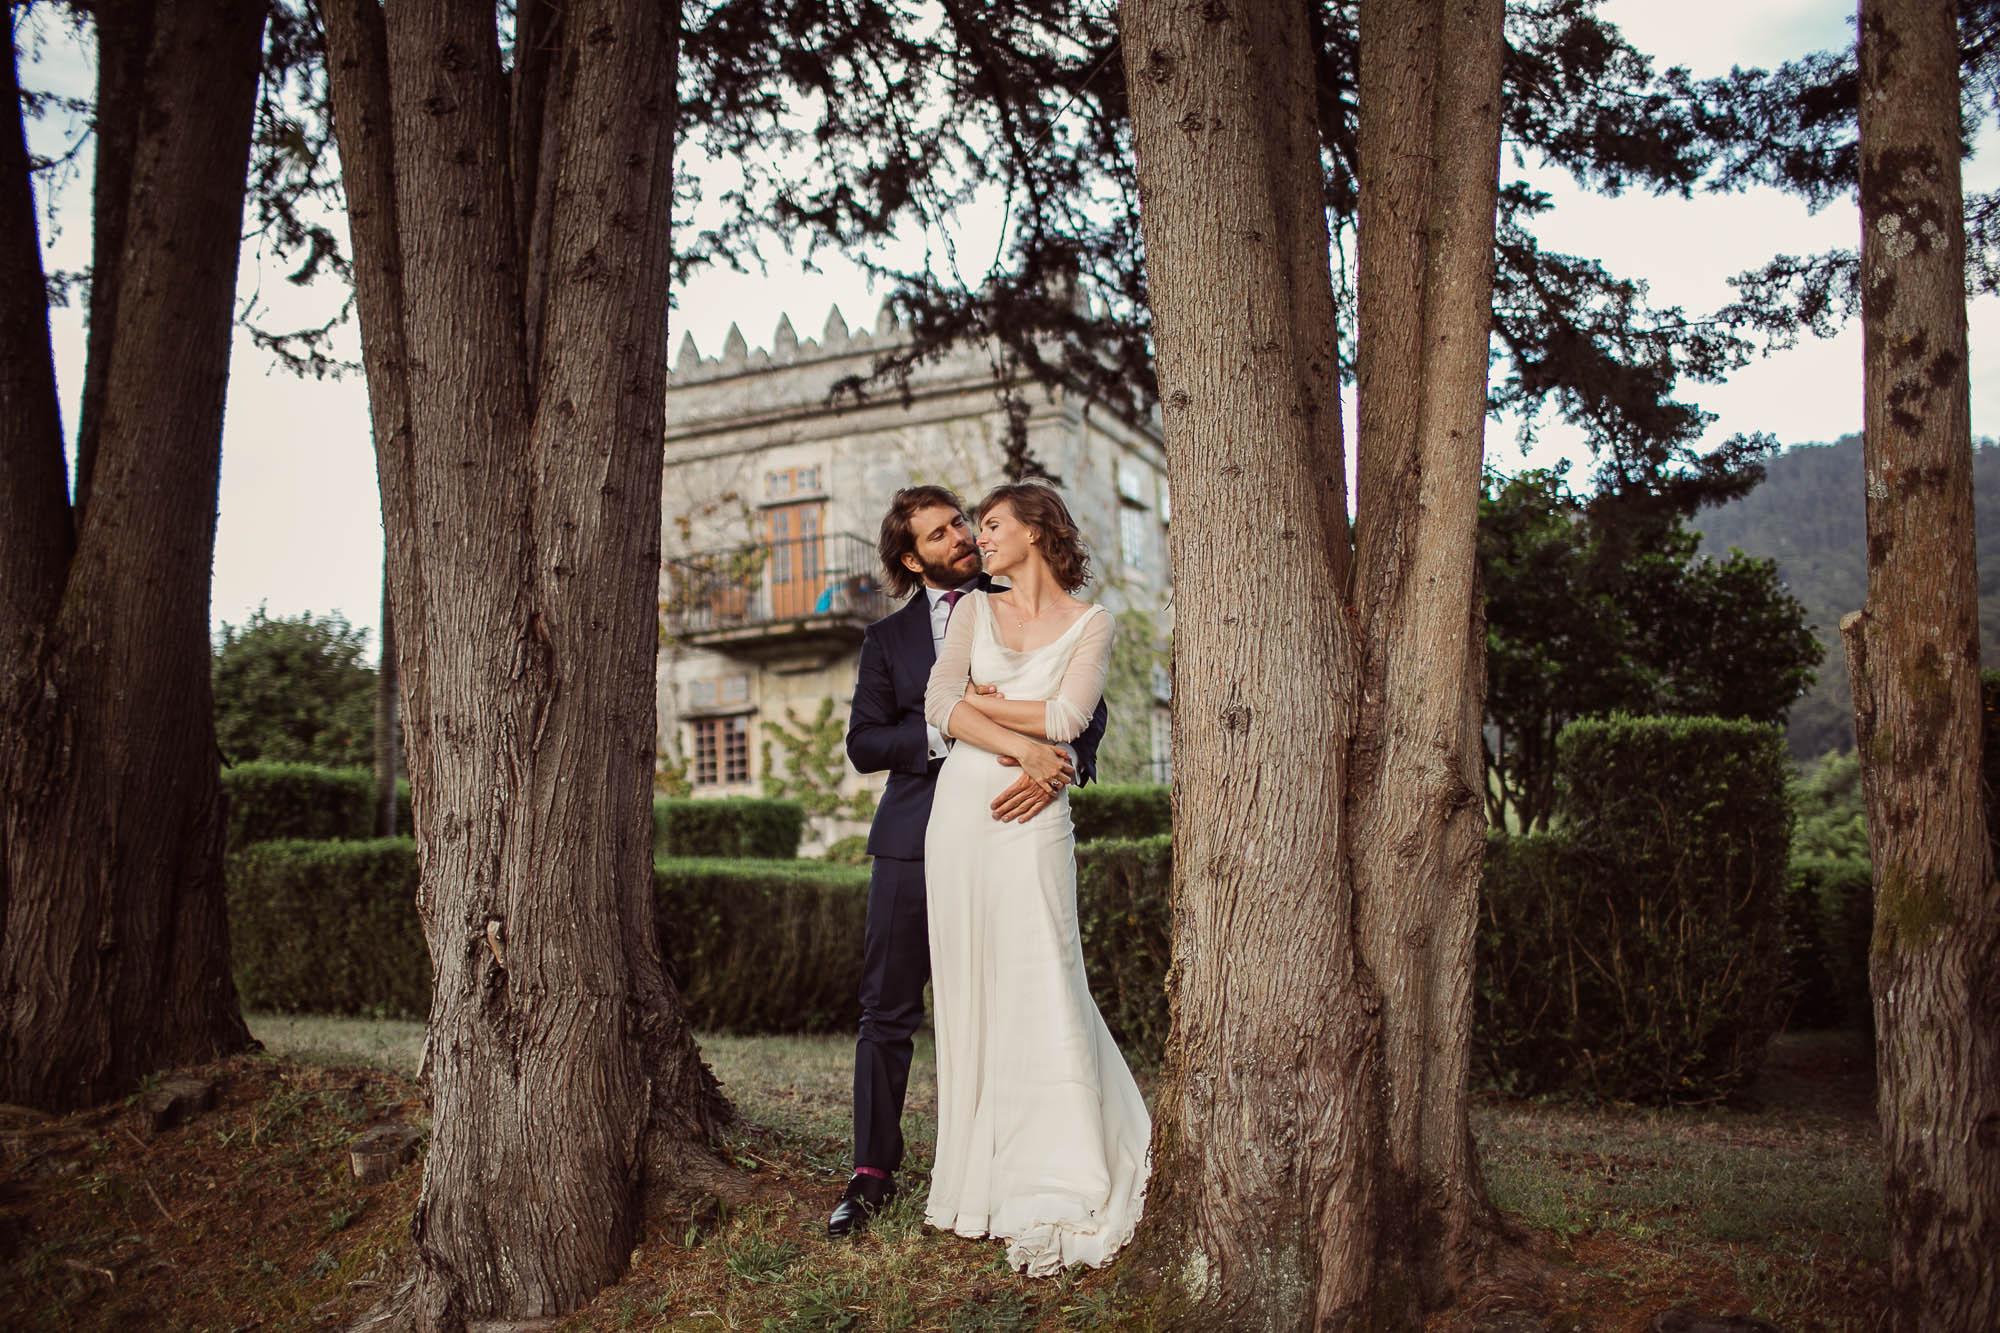 Marido y mujer mirándose a la cara mientras éste la abraza por detrás entre dos pinos el día de su boda